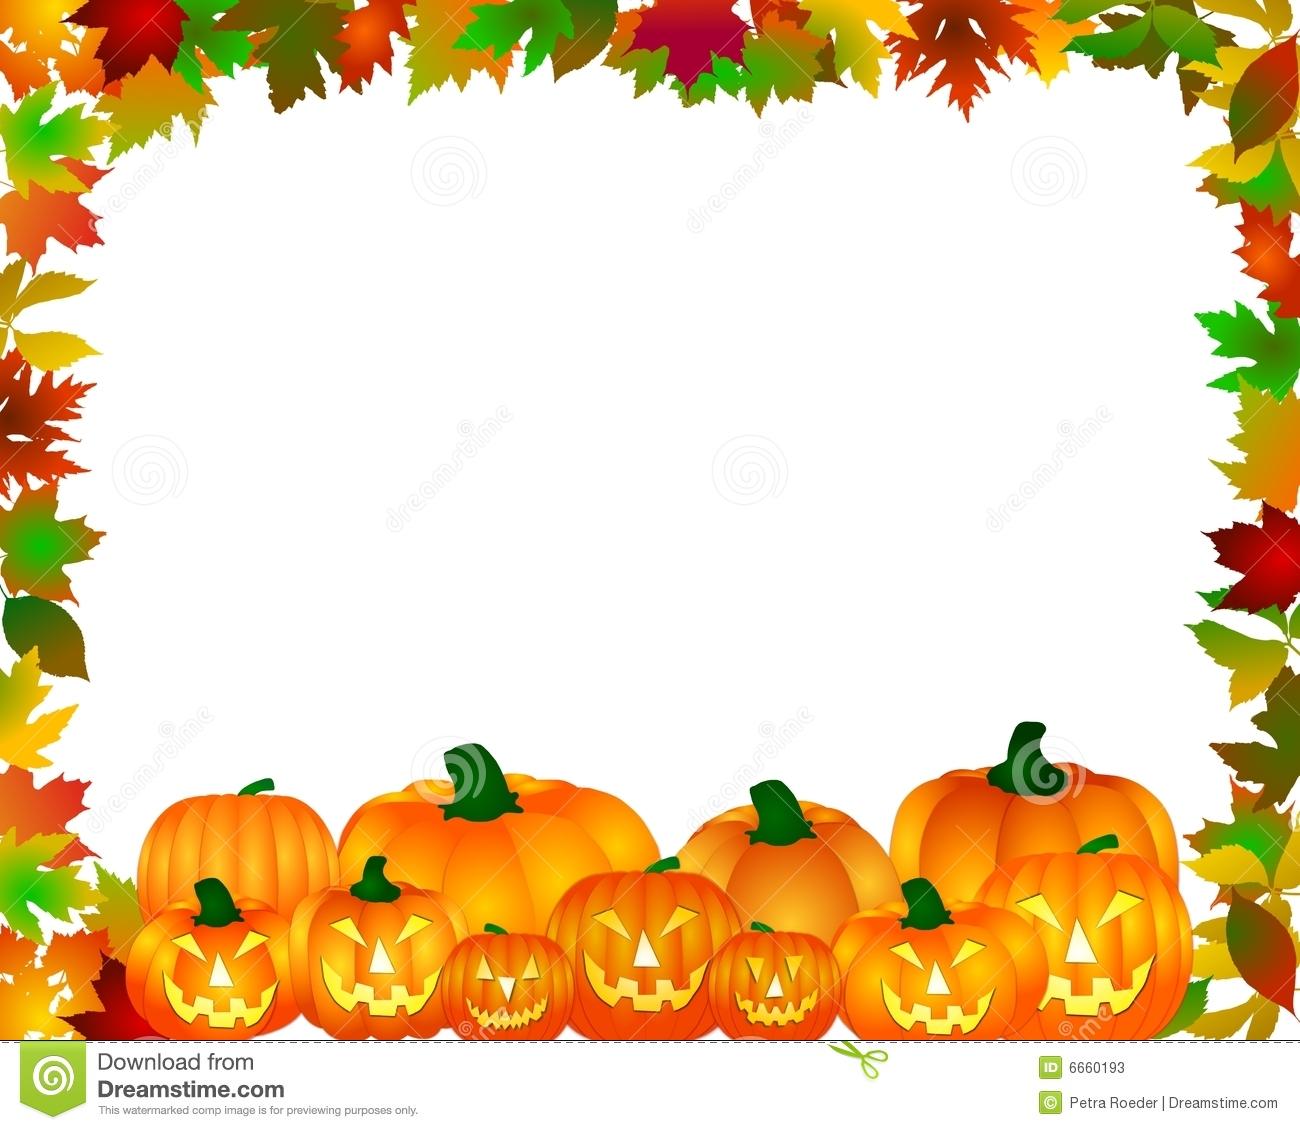 Halloween pumpkin border clipart clipart library 55+ Pumpkin Border Clip Art   ClipartLook clipart library